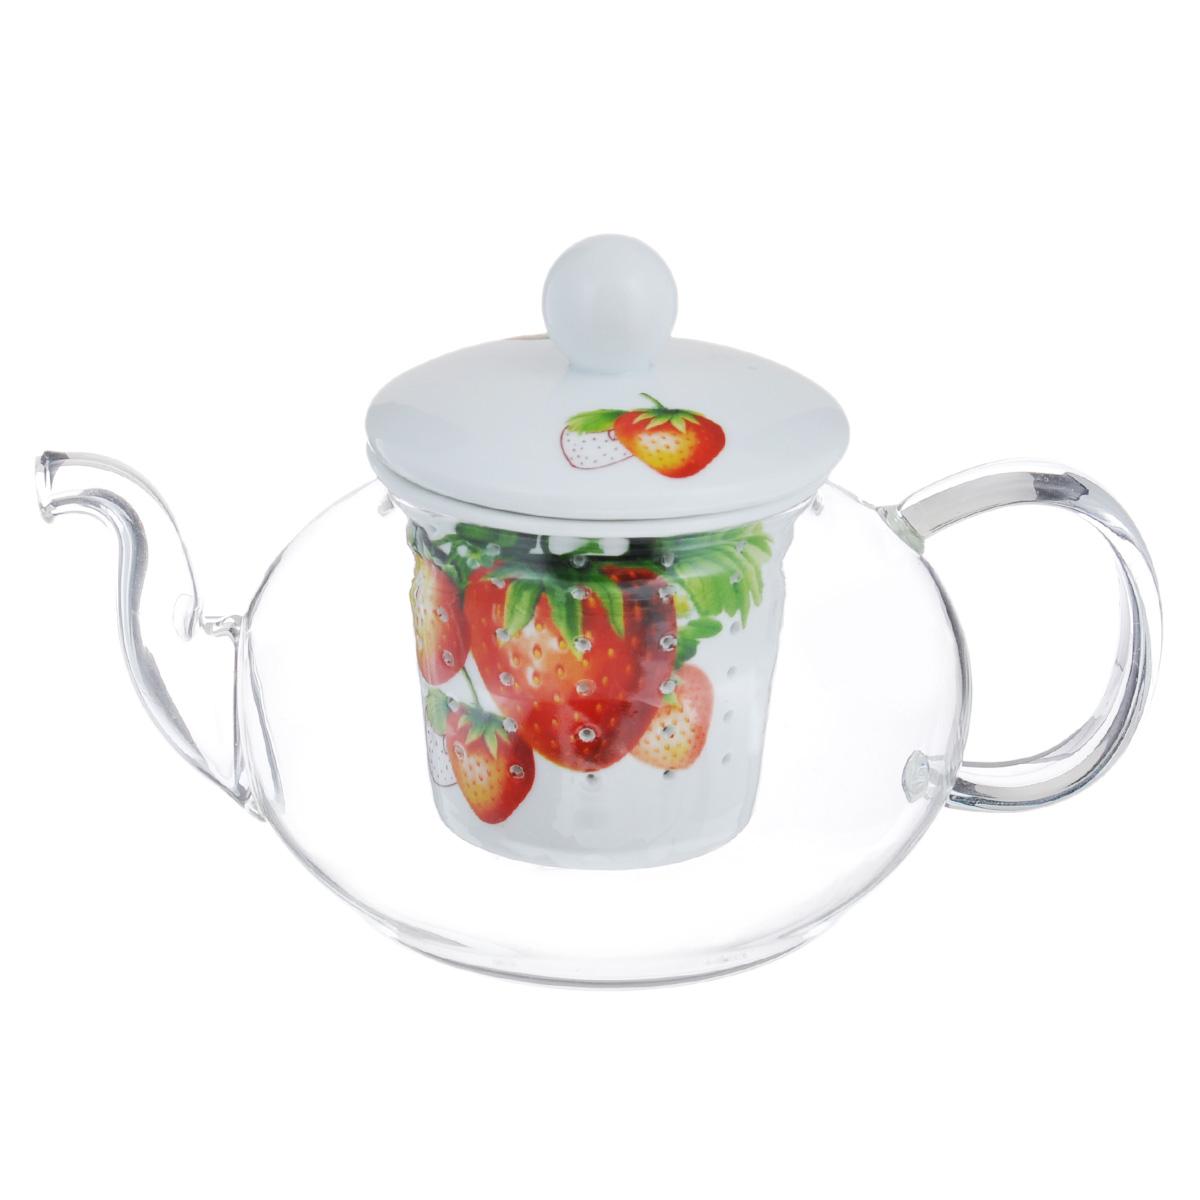 Чайник заварочный Lillo, 600 мл. AW12AW12Заварочный чайник Lillo изготовлен из жаропрочного стекла, которое хорошо удерживает тепло, даже если стенки чайника достаточно тонкие. Чайник снабжен керамической колбой для заварки. Колба оформлена ярким изображением ягод клубники и оснащена маленькими отверстиями, что предотвращает попадание чаинок и листочков в настой. Заварочный чайник из стекла удобно использовать для повседневного заваривания чая практически любого сорта. Но цветочные, фруктовые, красные и желтые сорта чая лучше других раскрывают свой вкус и аромат при заваривании именно в стеклянных чайниках и сохраняют полезные ферменты и витамины, содержащиеся в чайных листьях. Не мыть в посудомоечной машине. Можно использовать в микроволновой печи. Диаметр чайника (по верхнему краю): 7 см. Диаметр основания чайника: 7,5 см. Высота чайника (без учета крышки и ручки): 8 см. Объем чайника: 600 мл. Высота колбы: 6,5 см.